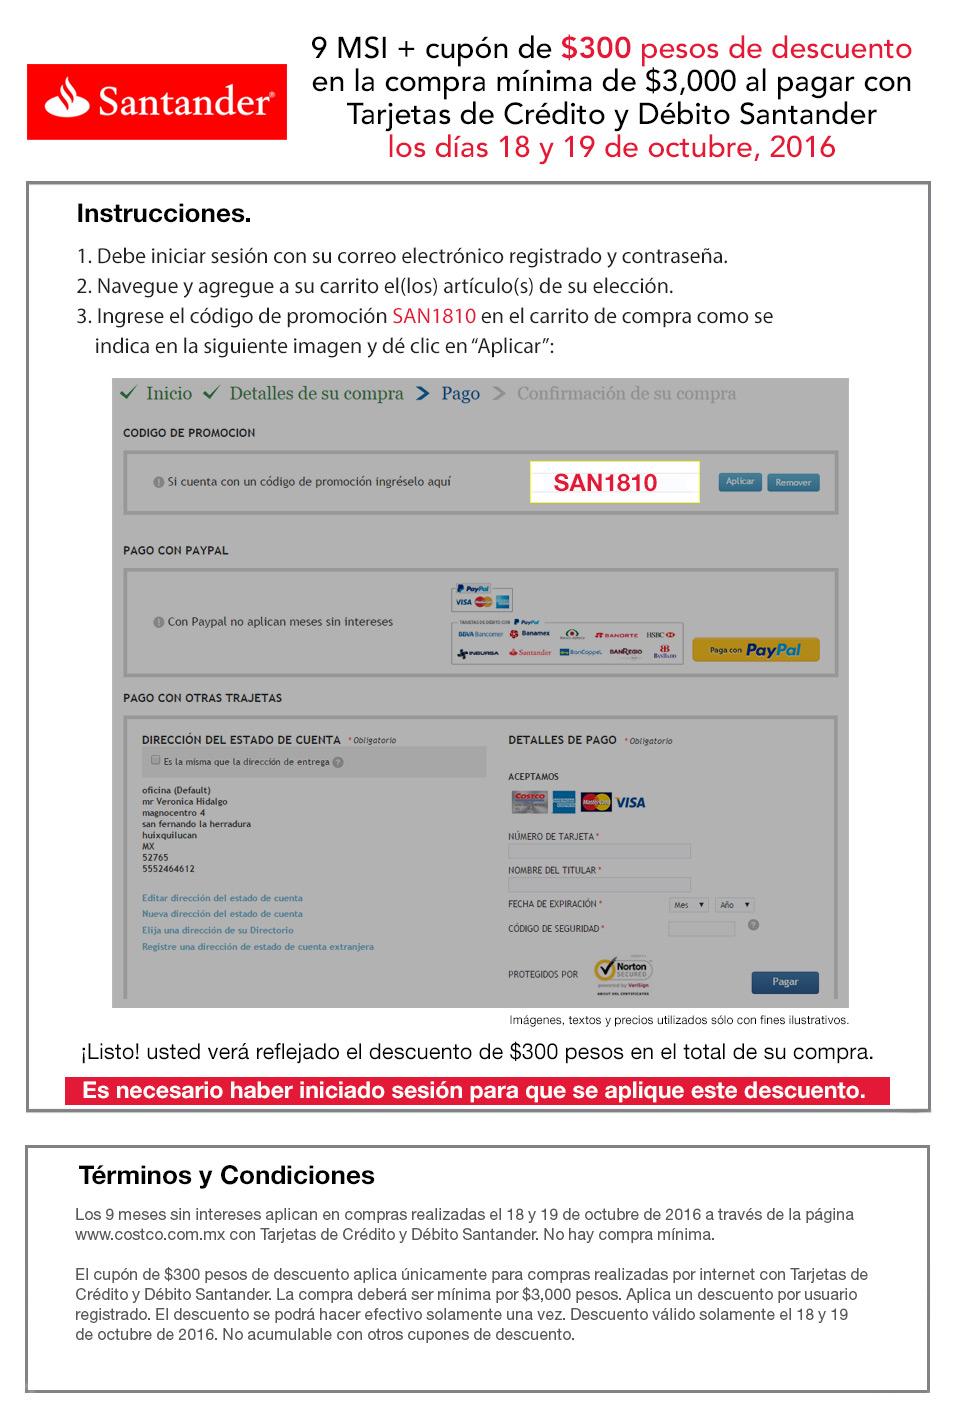 Costco en línea: Cupón de $300 comprando $3000+ y 9MSI con Santander